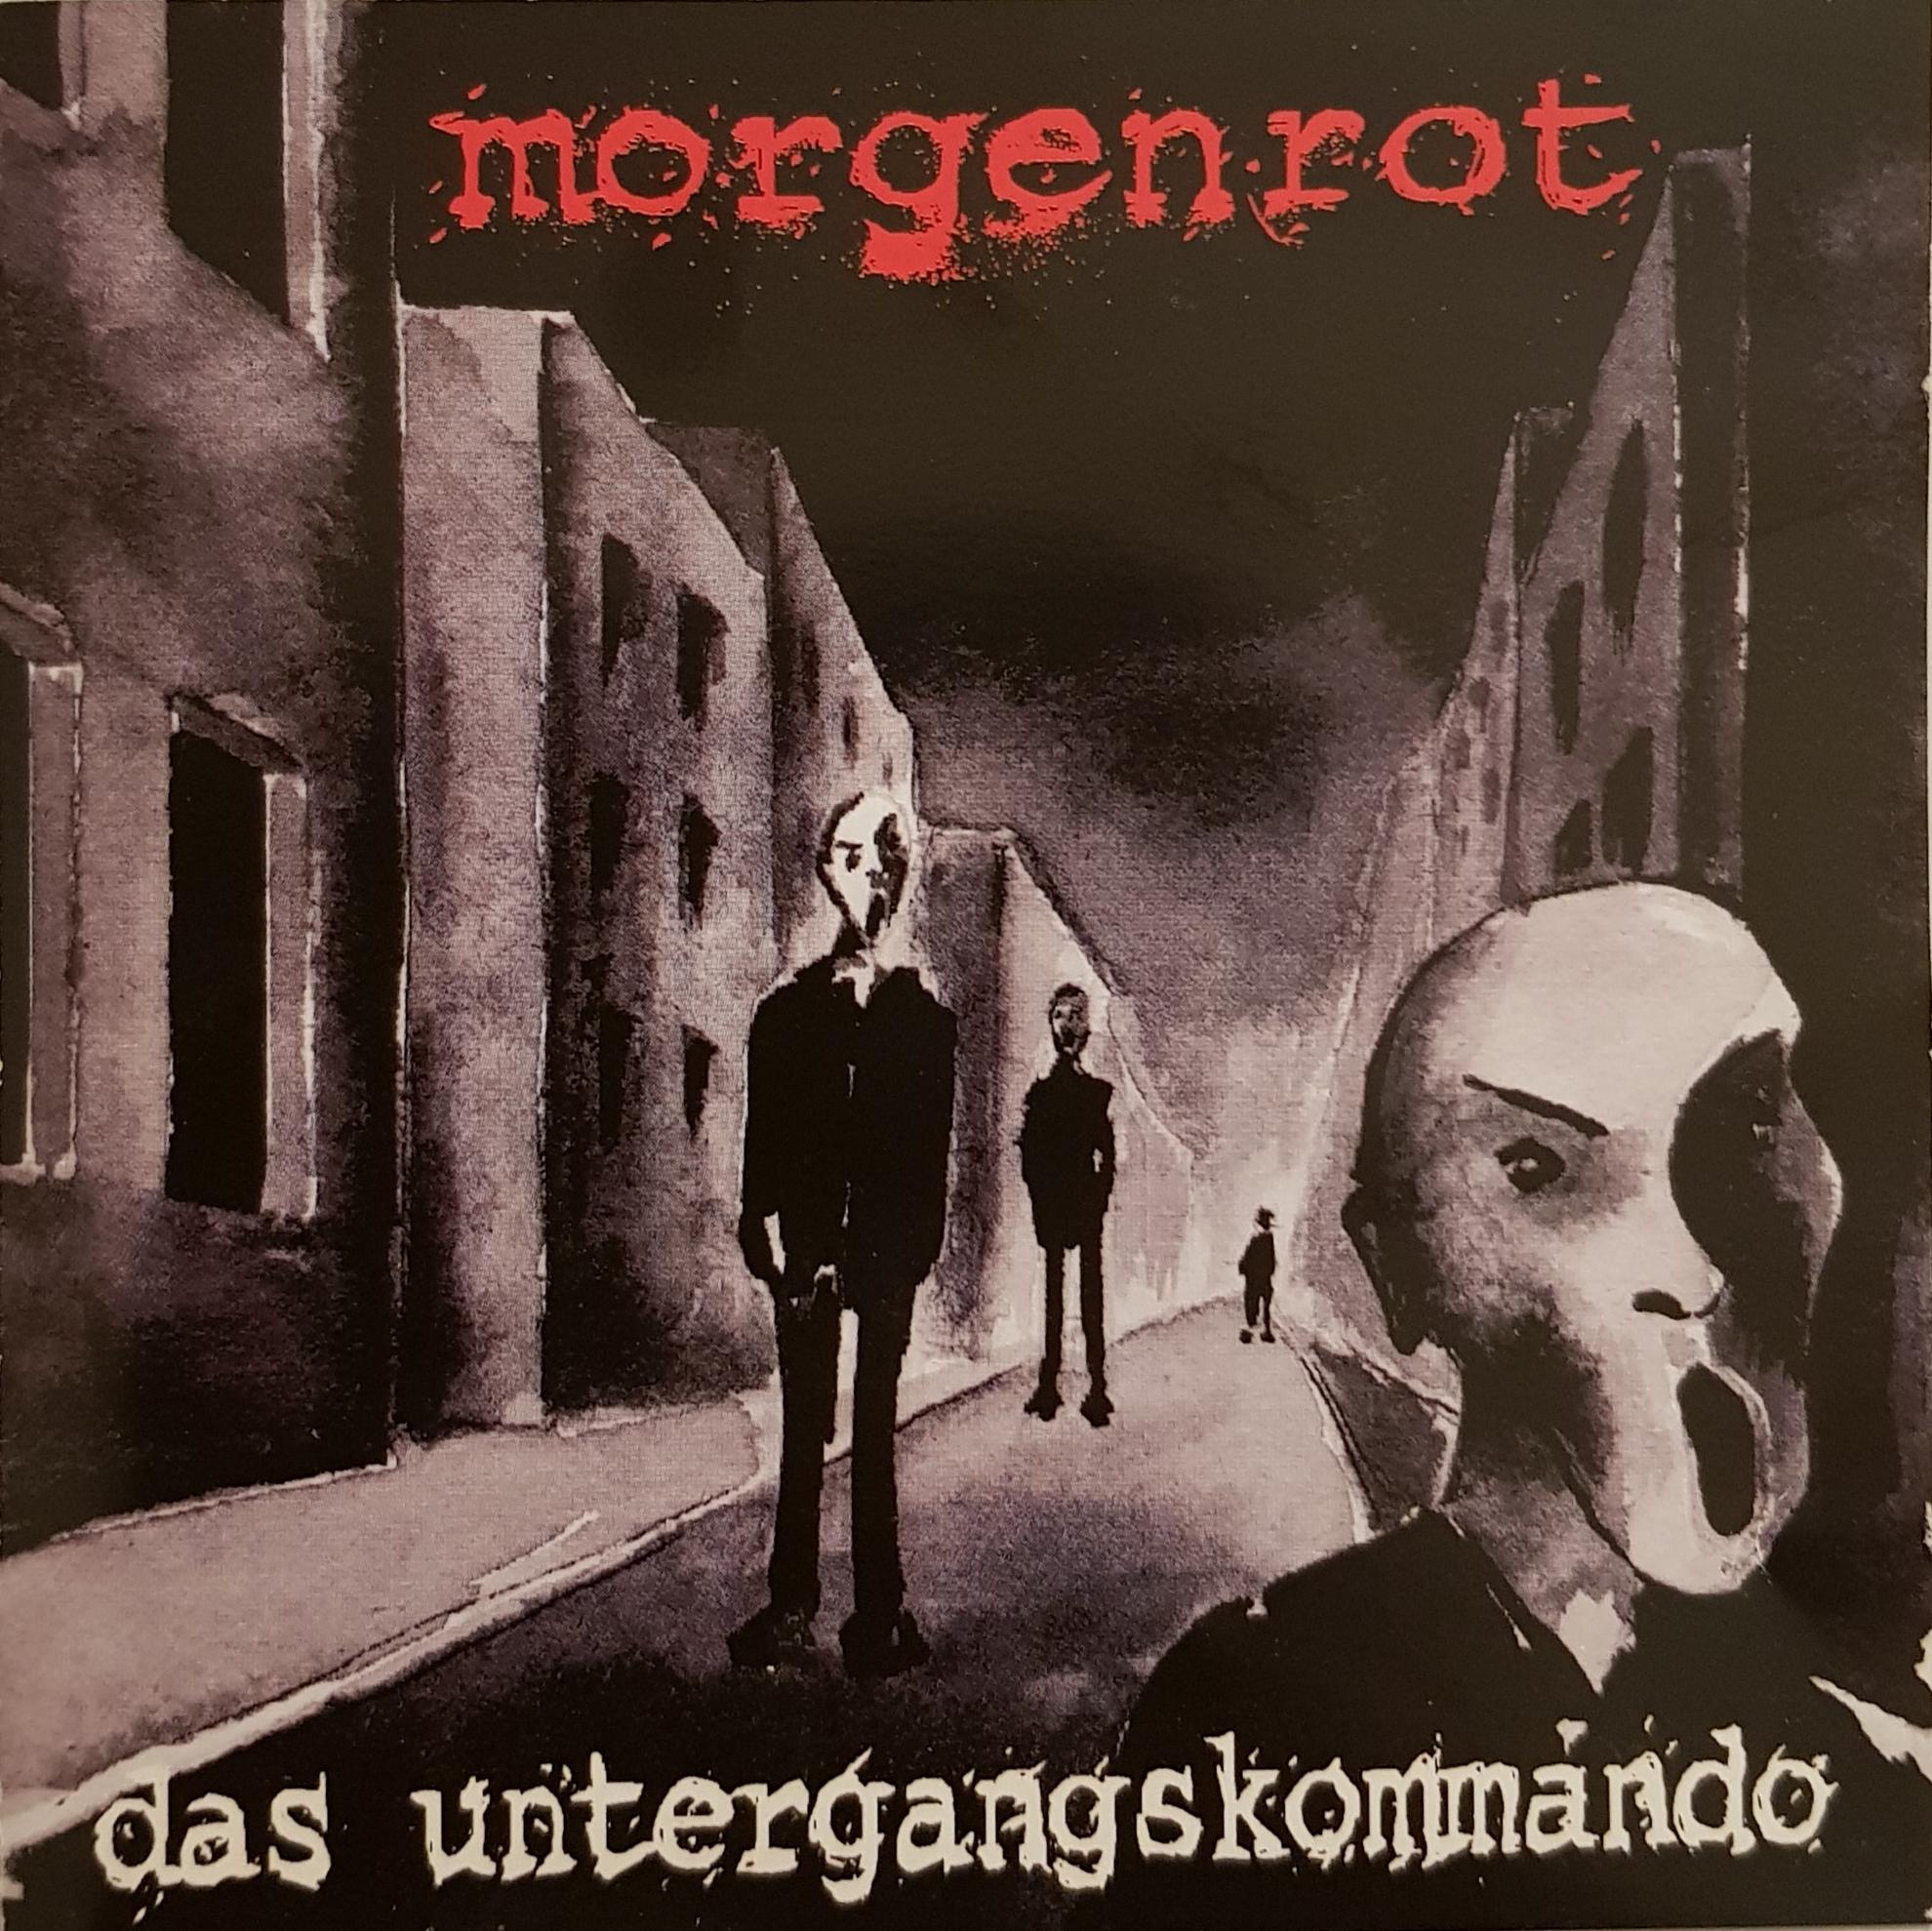 Das Untergangskommando – Morgenrot